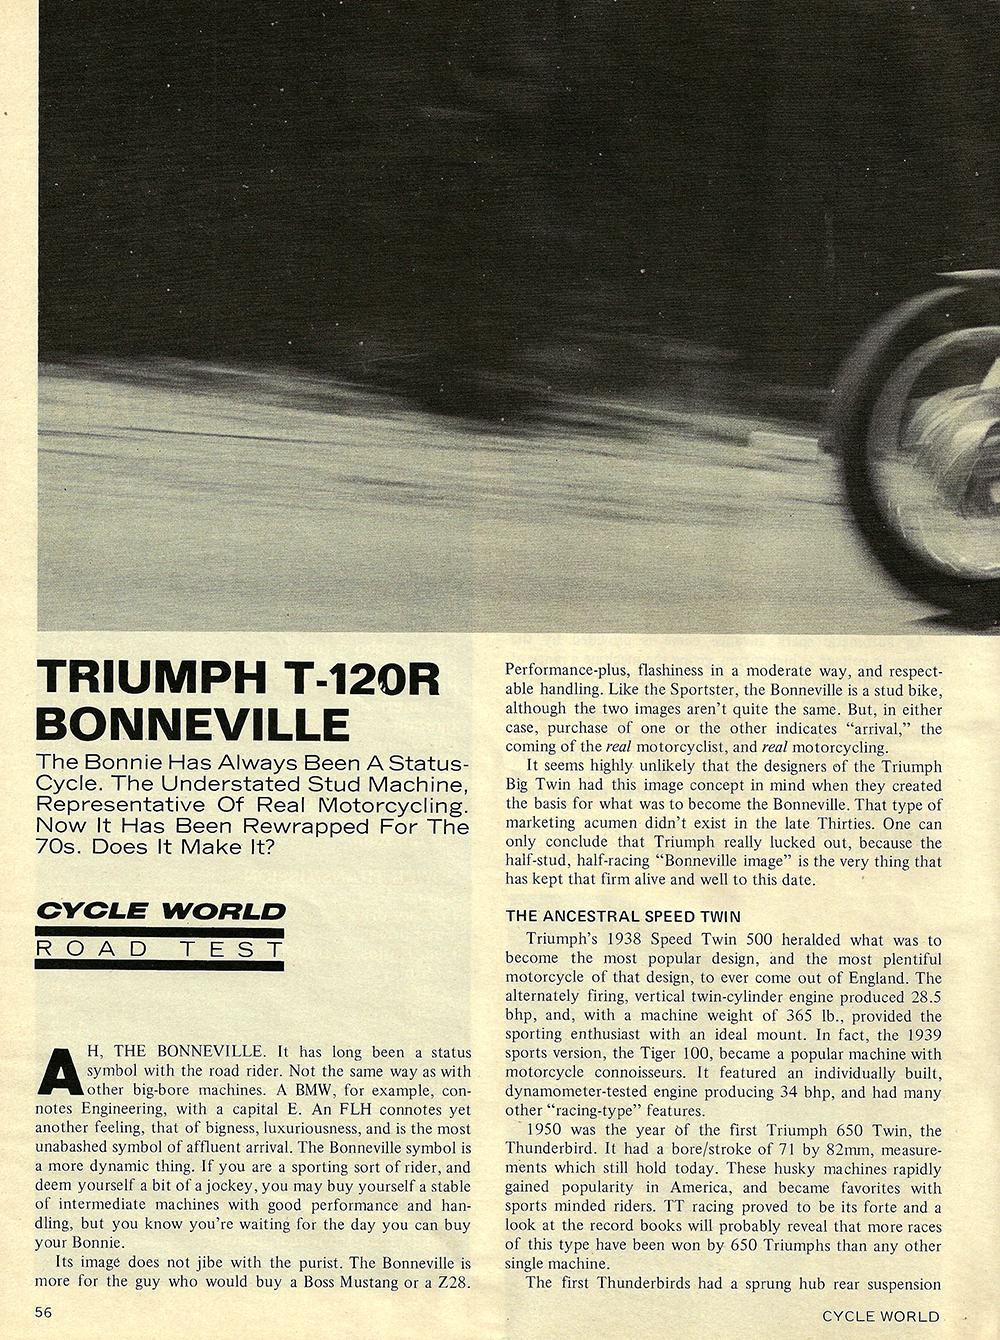 1971 Triumph T120R Bonneville road test 01.jpg